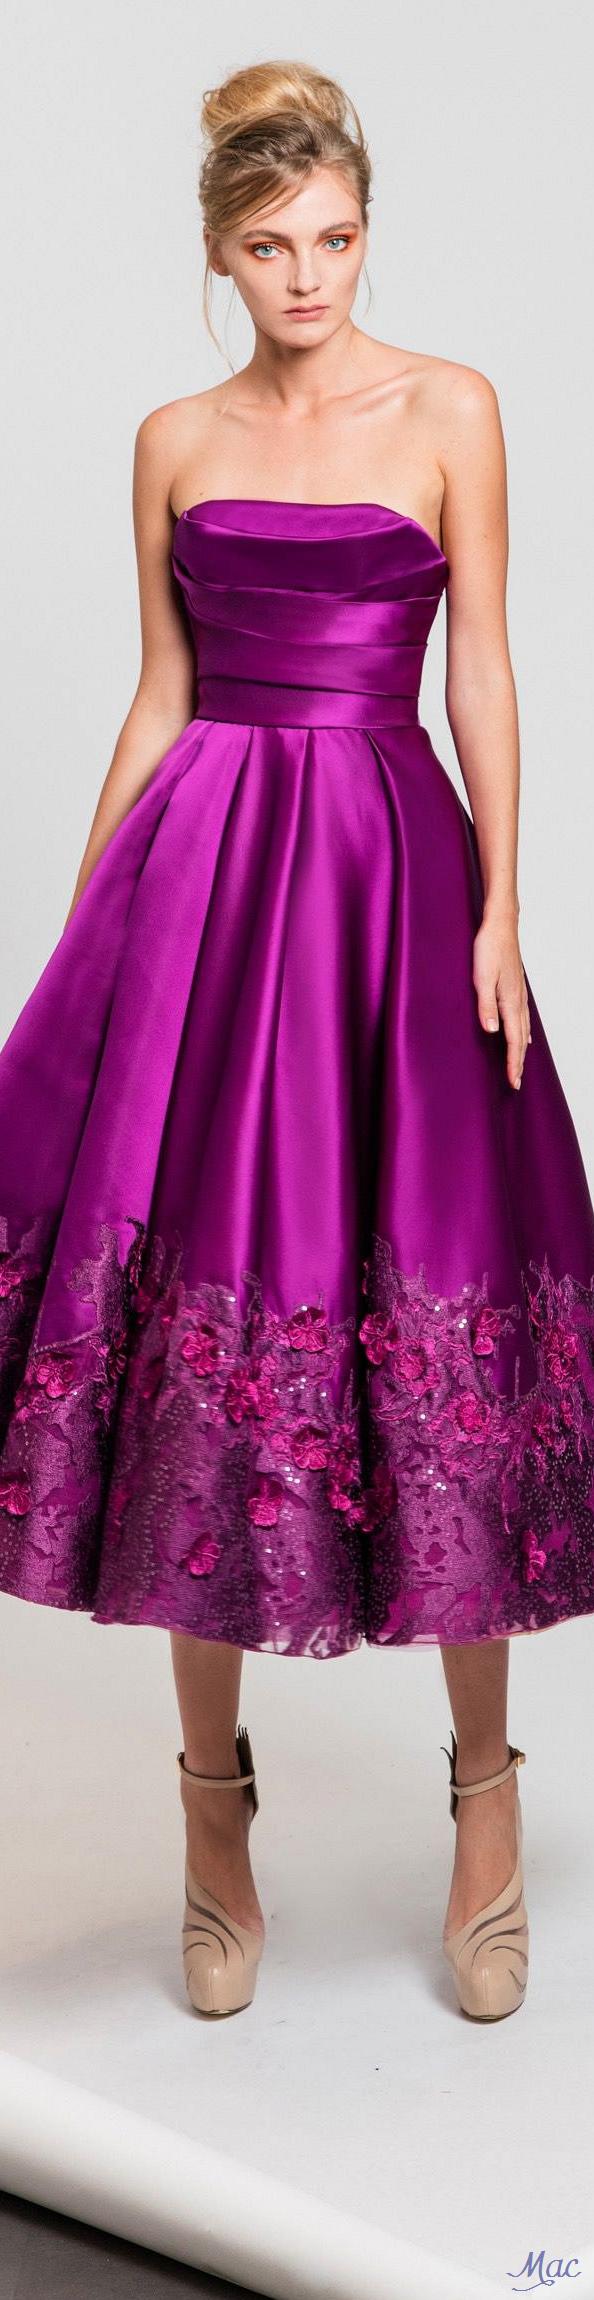 Vistoso Bellos Vestidos De Novia 2014 Inspiración - Colección del ...